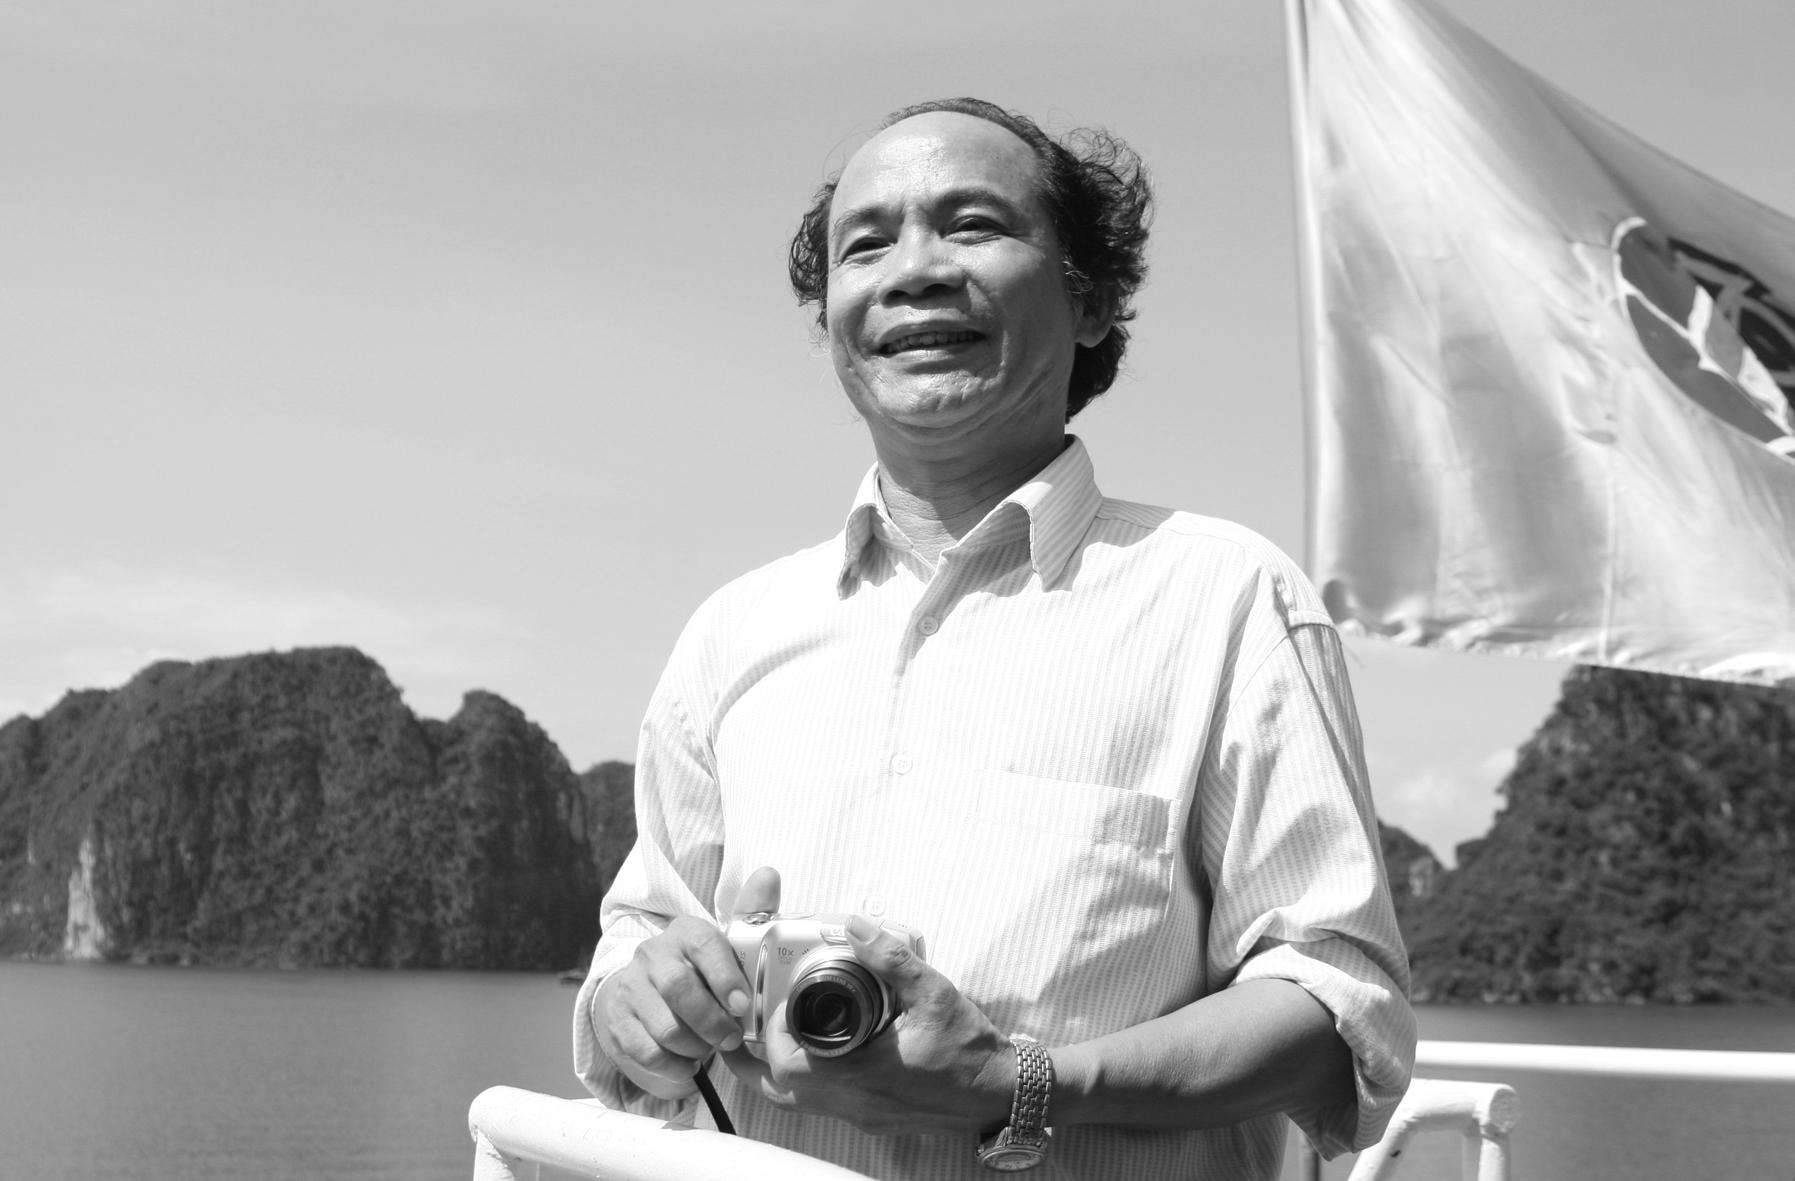 Ra mắt sách, triển lãm ảnh về cố nhà thơ - nhạc sĩ Nguyễn Trọng Tạo